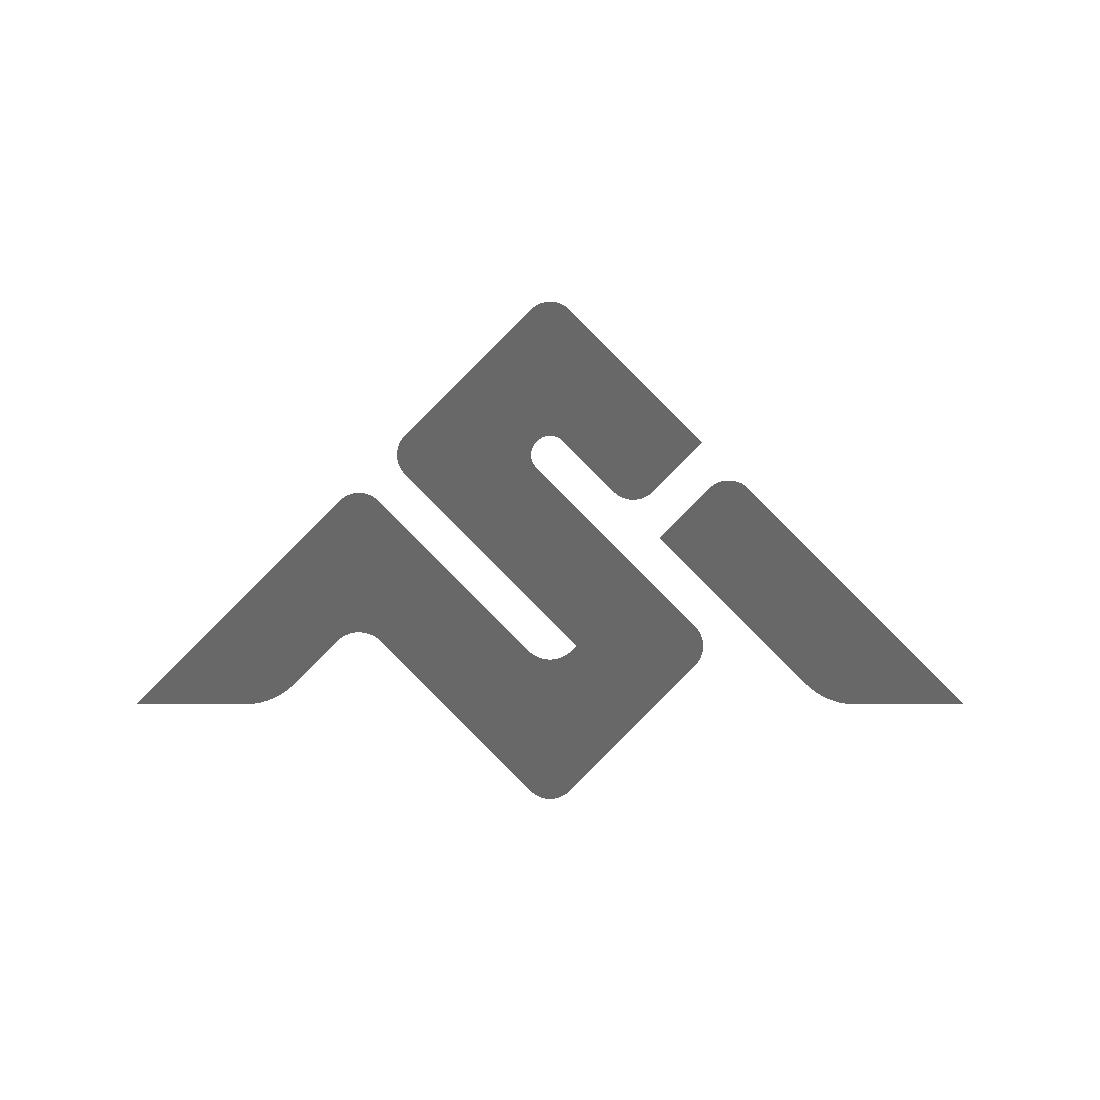 chaussure ski de fond skating s lab skate salomon. Black Bedroom Furniture Sets. Home Design Ideas